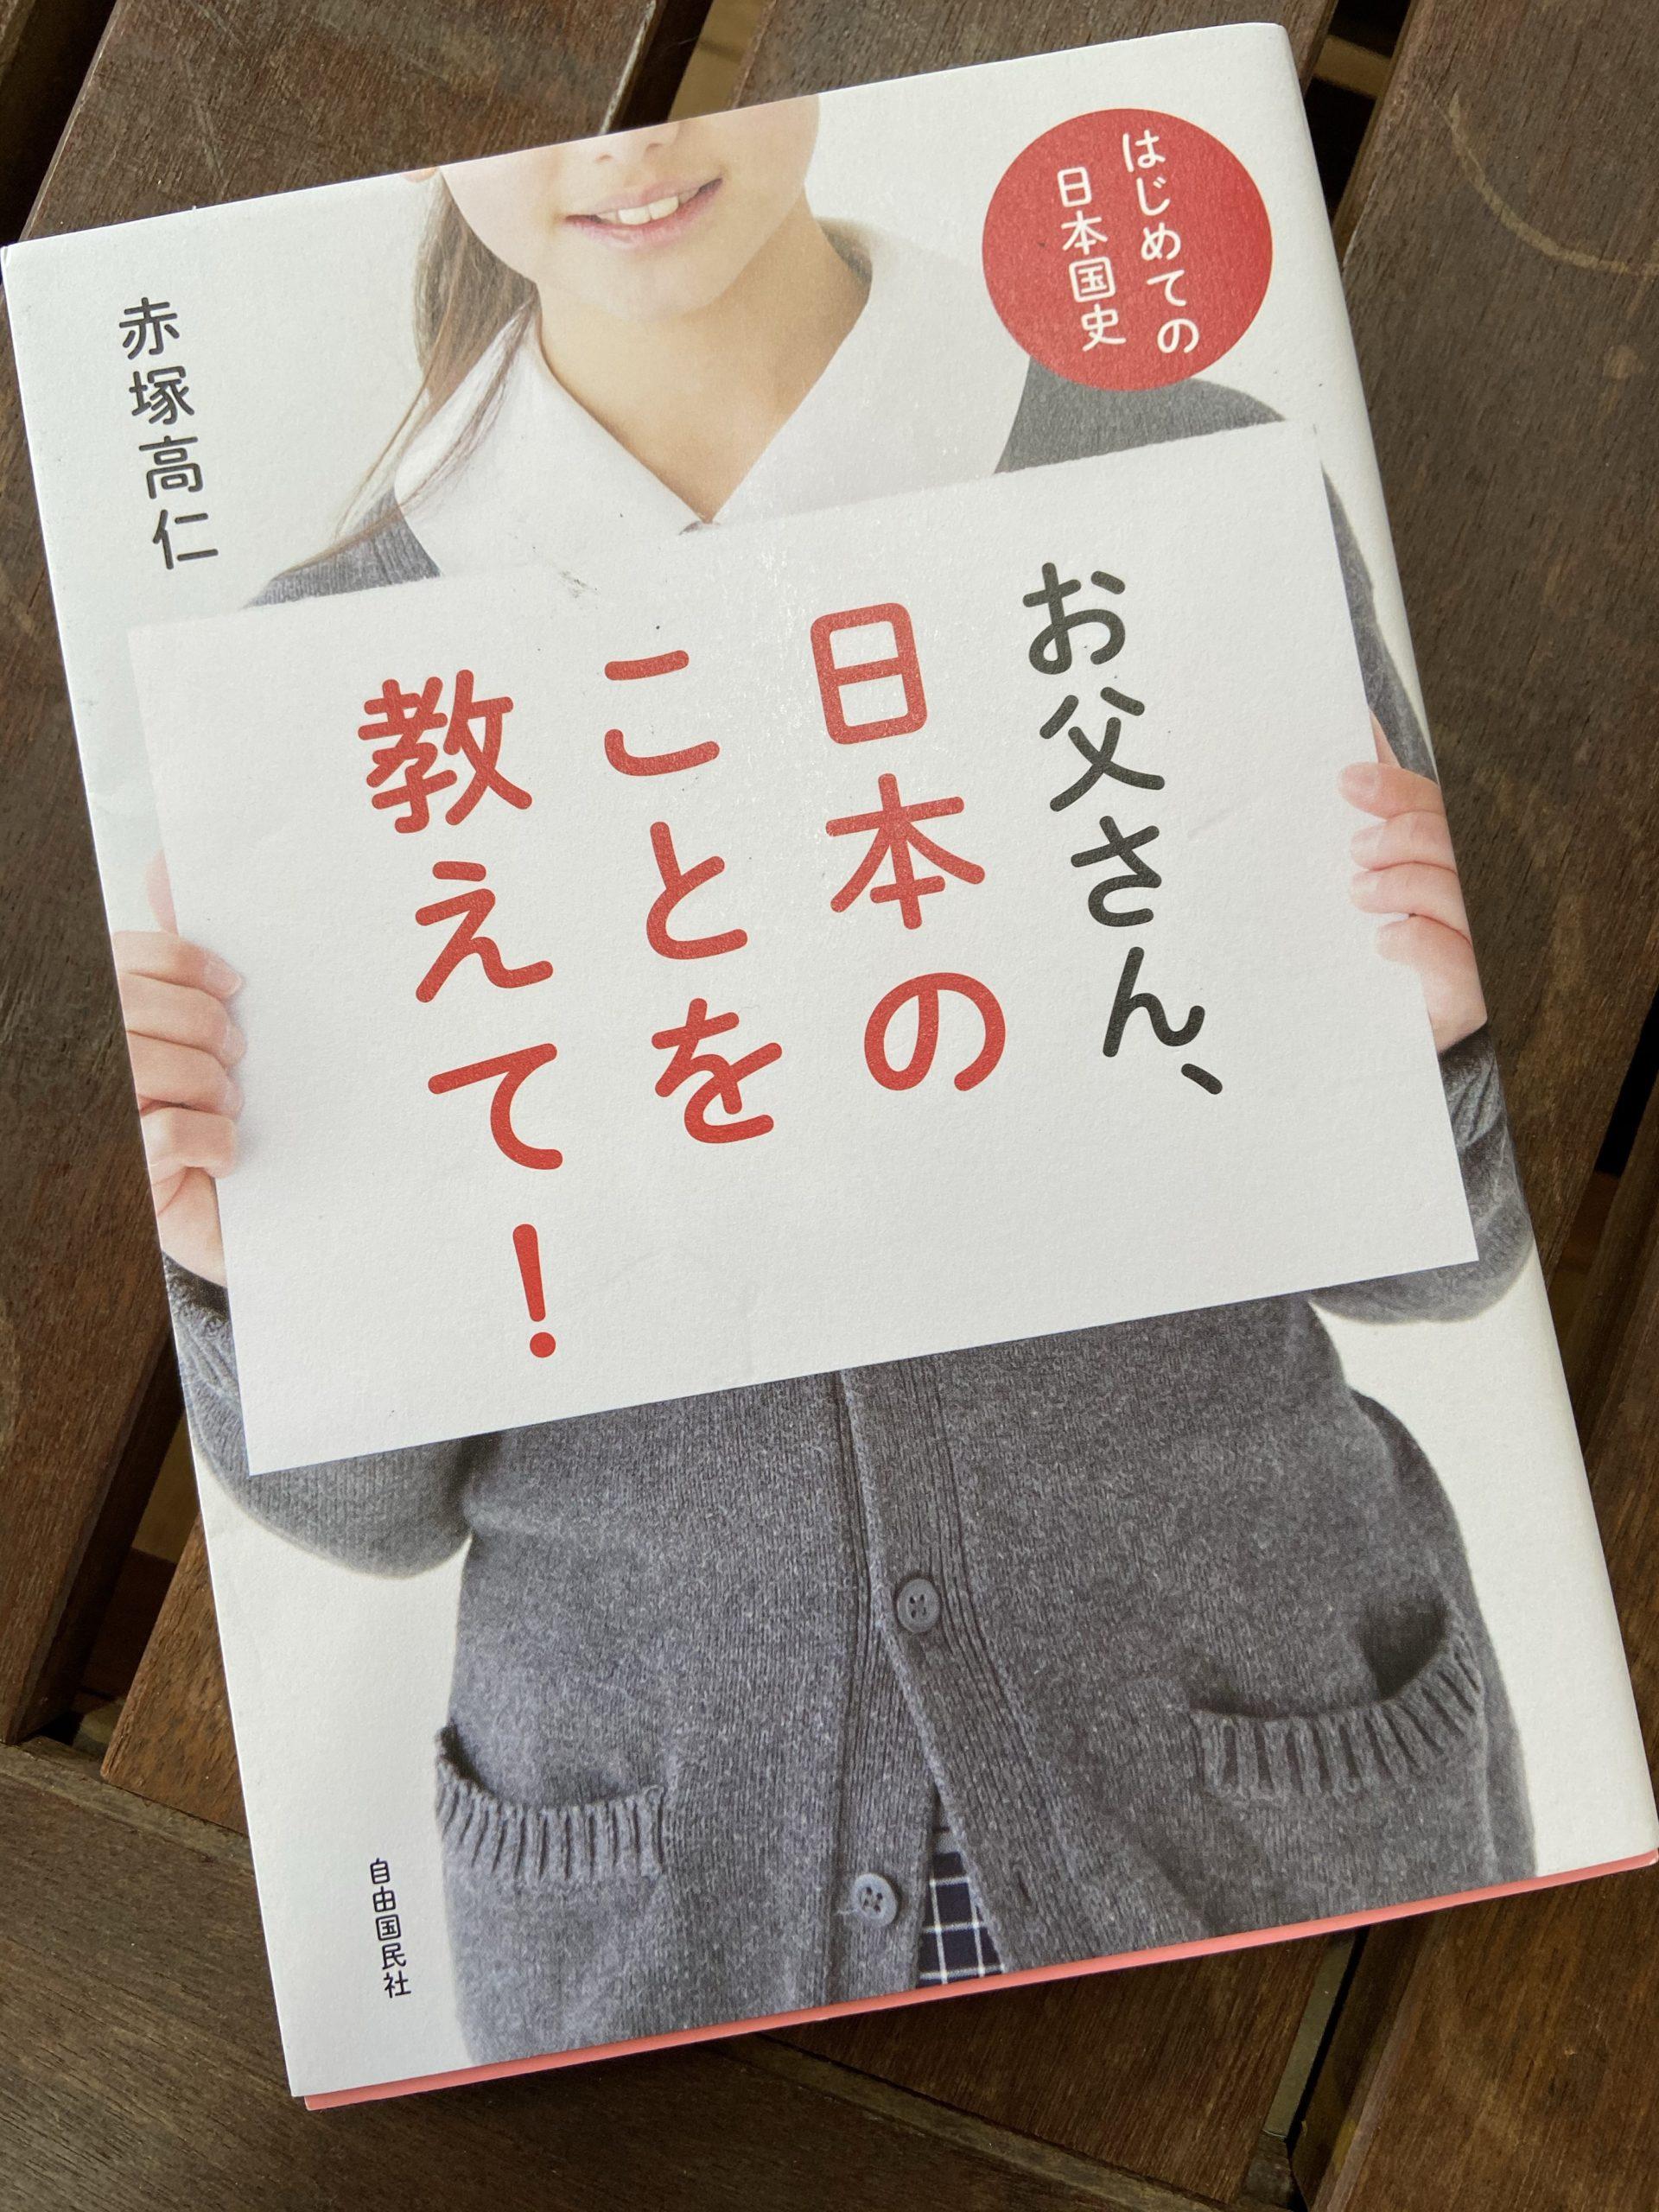 本『お父さん、日本のことを教えて!」の表紙画像